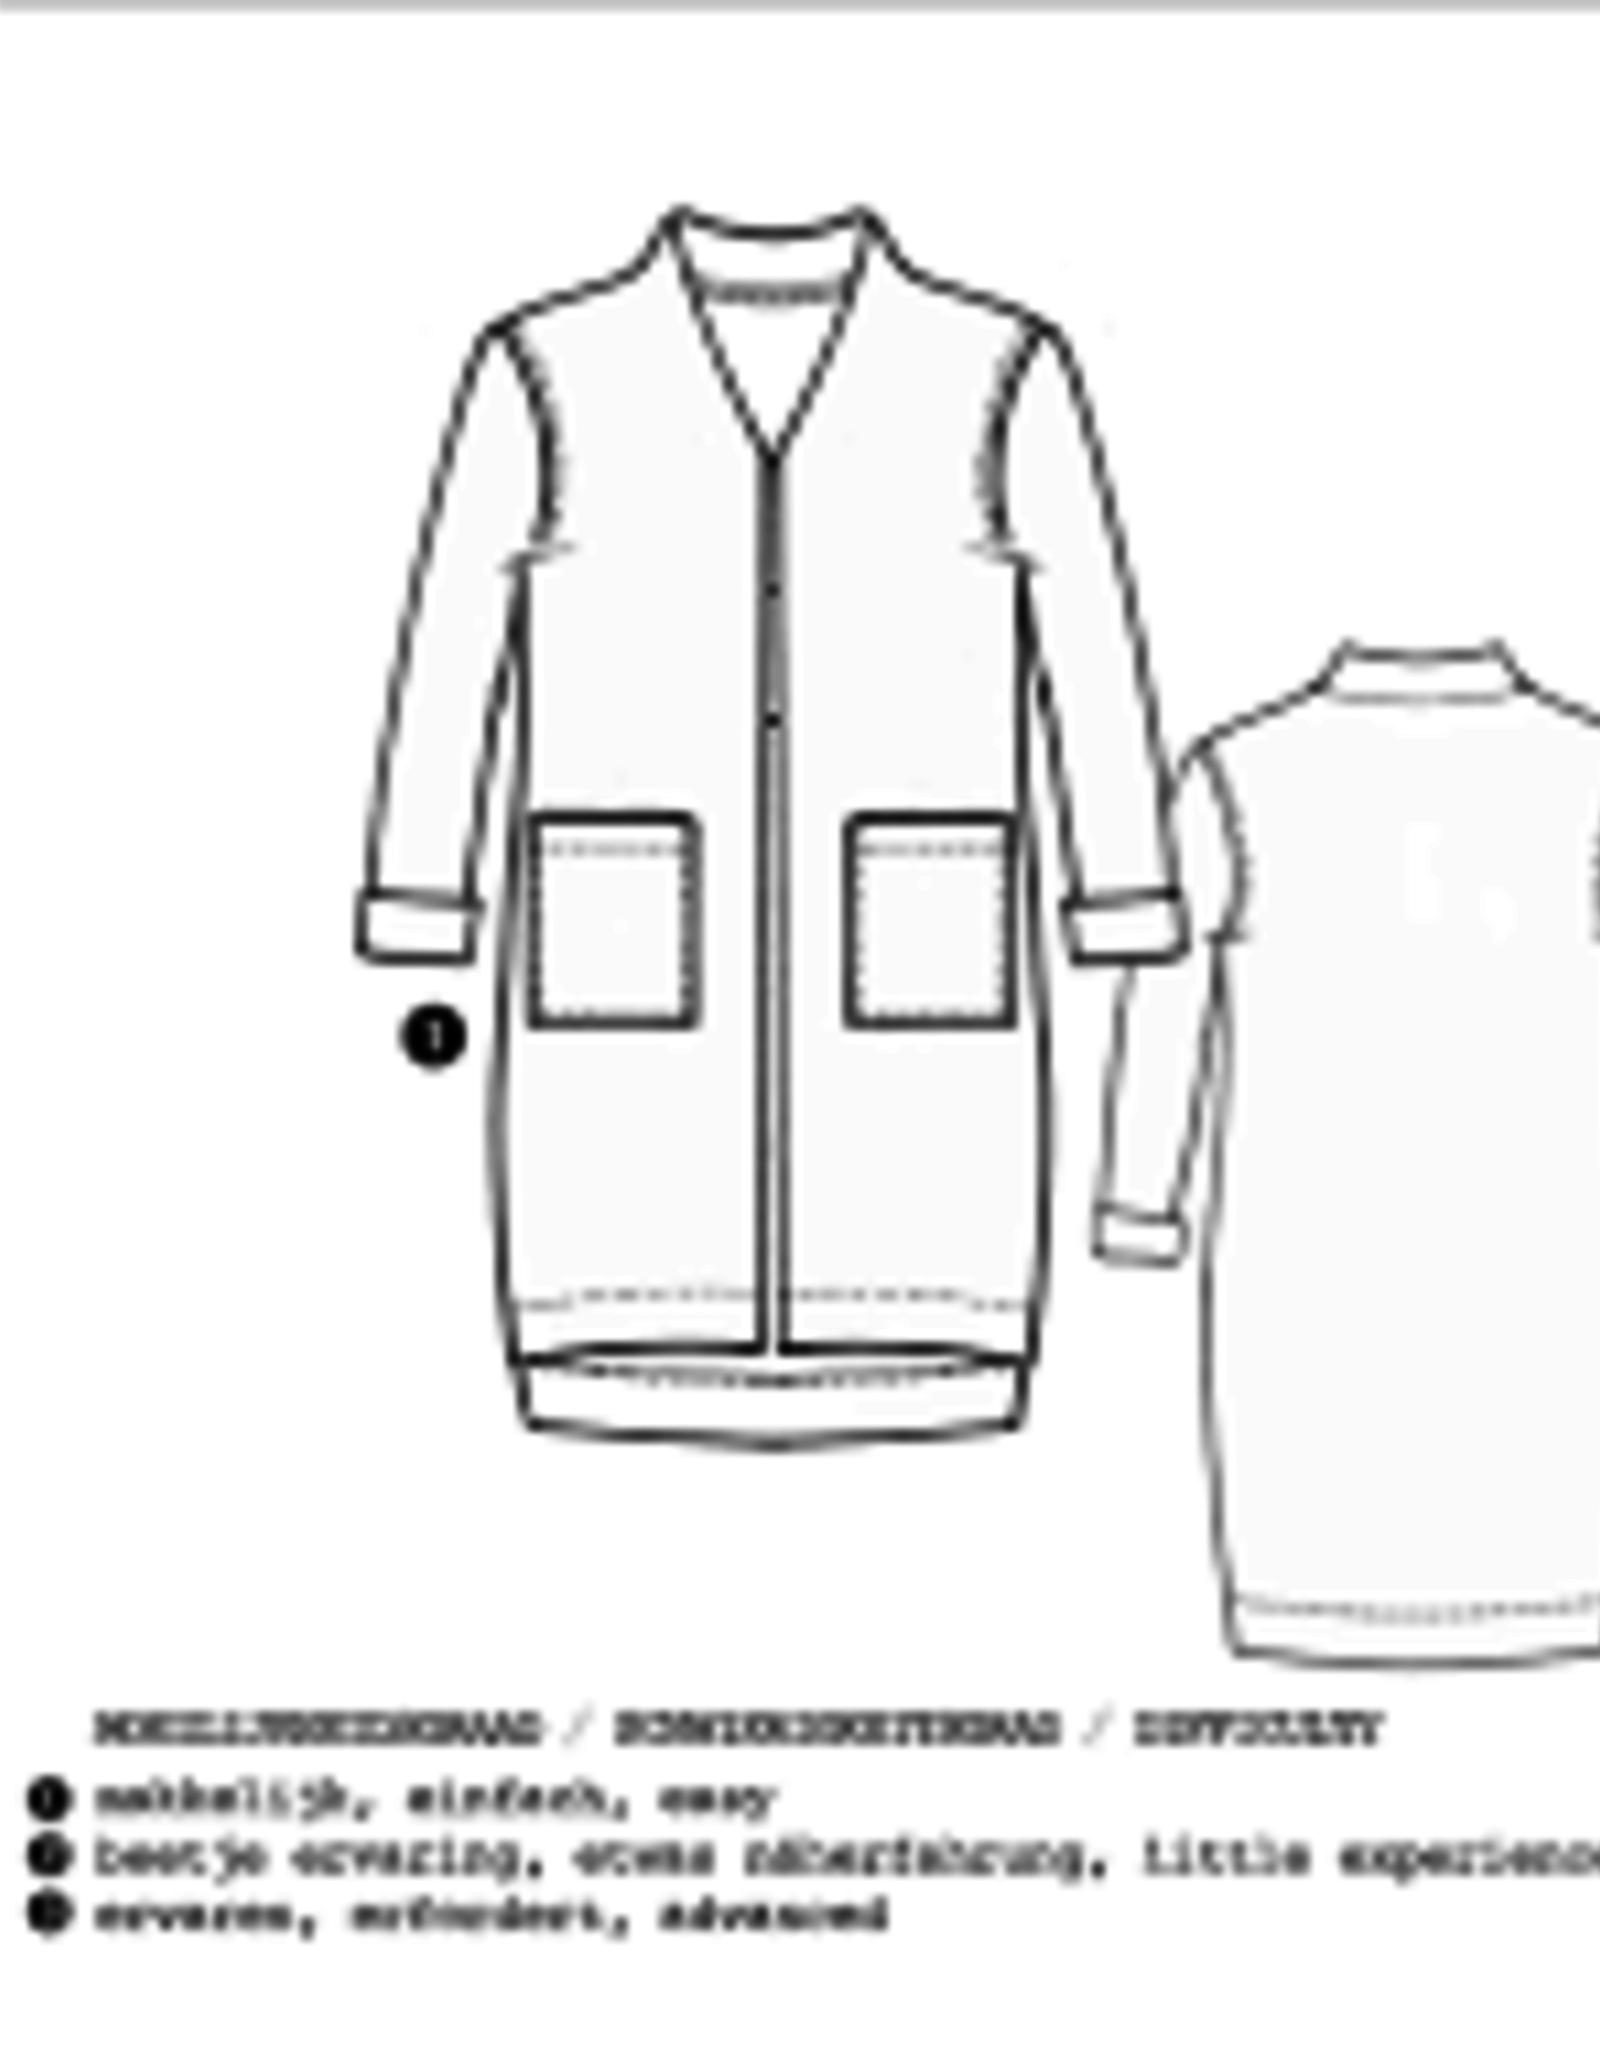 It's A fits Cardigan 1103 - It's A fits